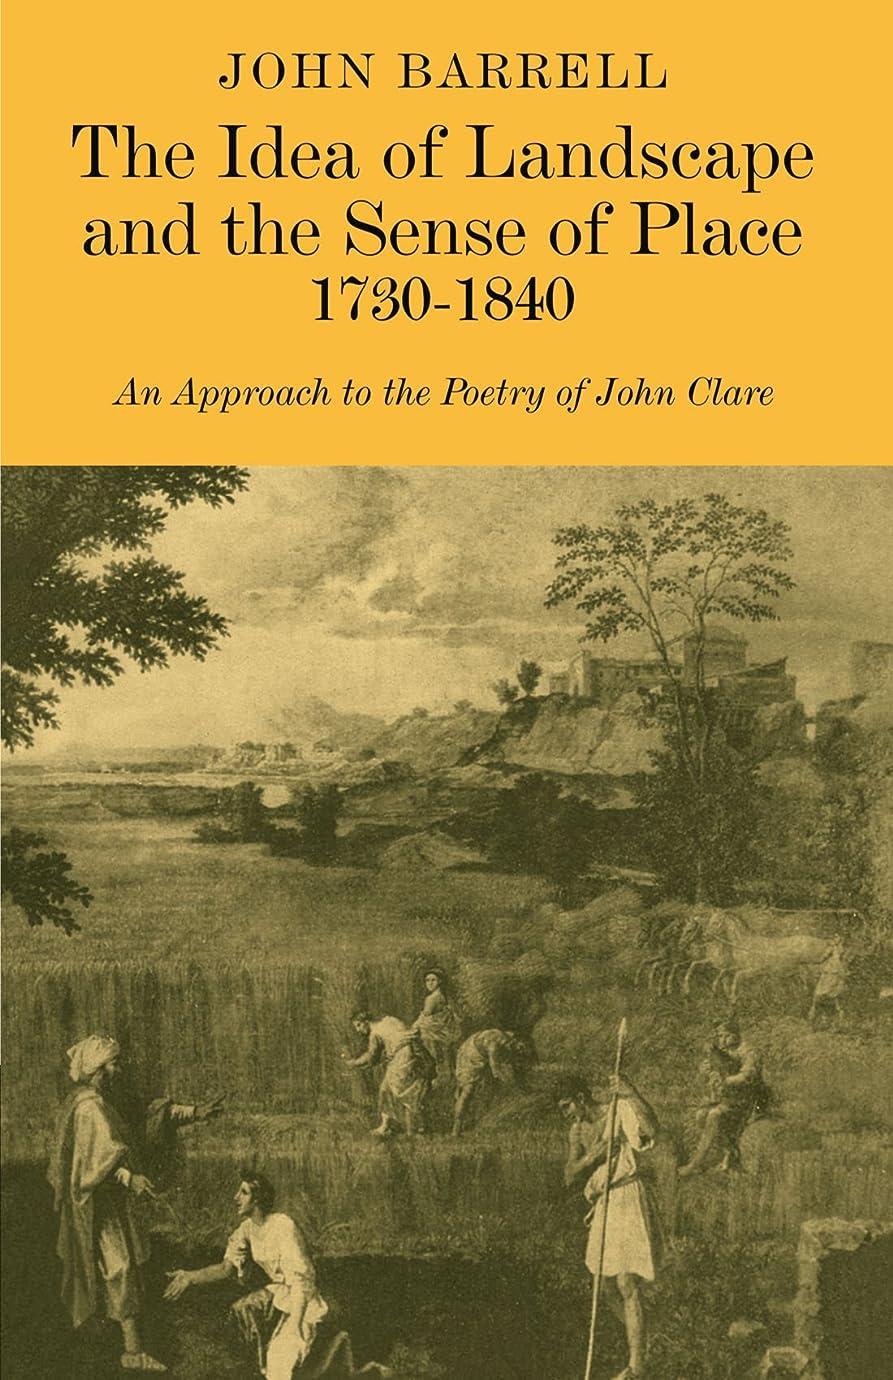 熱意立ち向かう伝記The Idea of Landscape and the Sense of Place 1730-1840: An Approach to the Poetry of John Clare